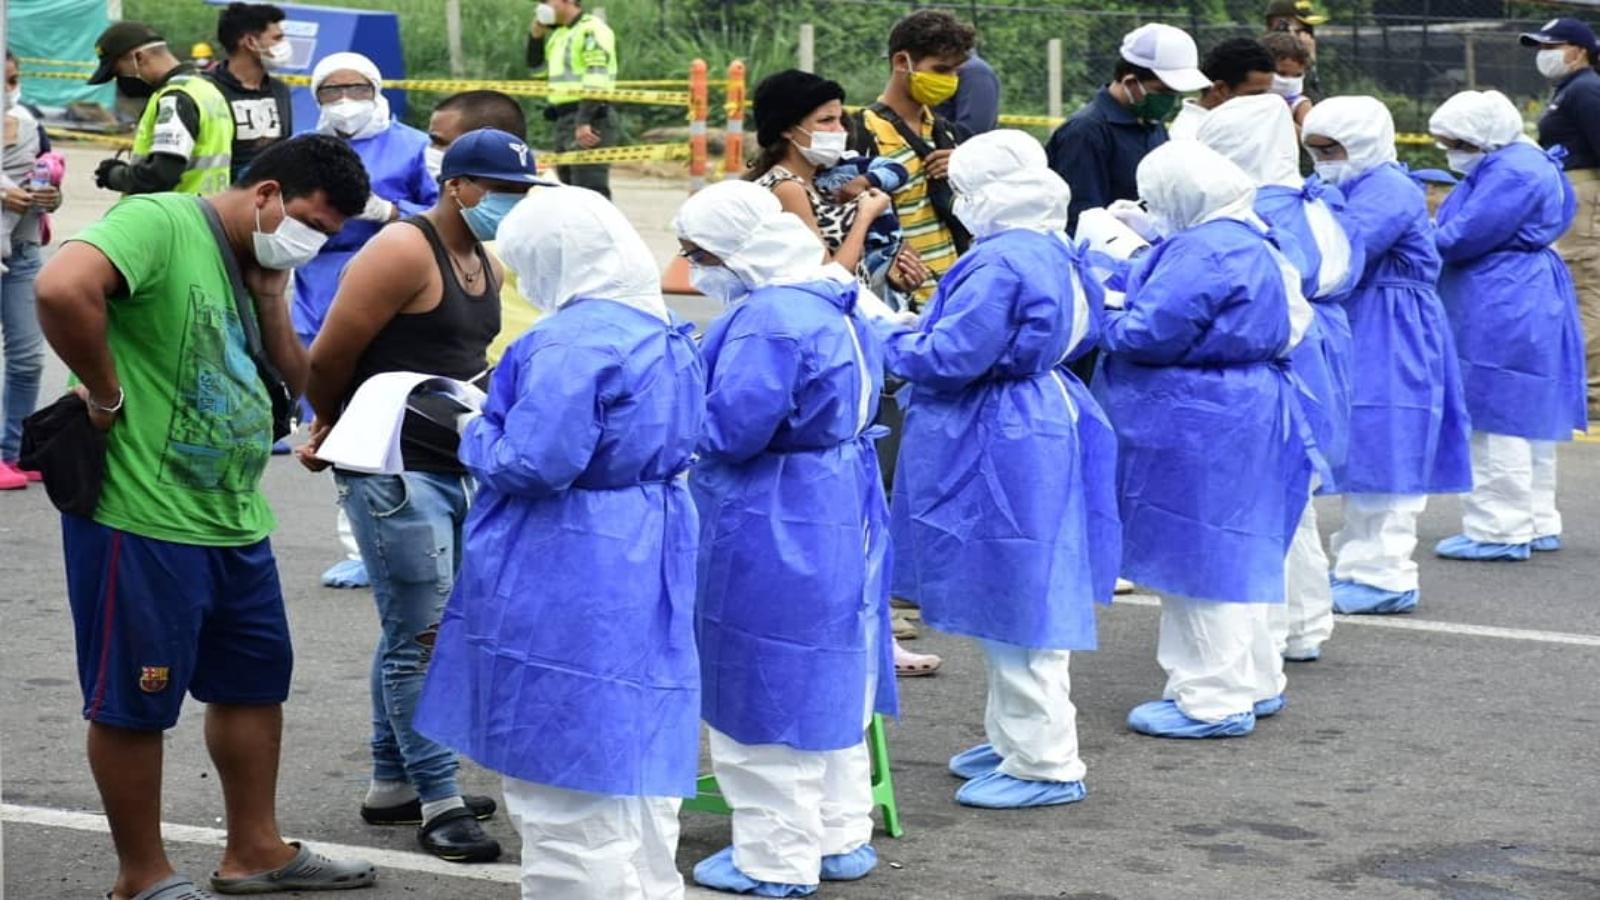 La pandemia ha sido devastadora para los migrantes: vocero de la ONU